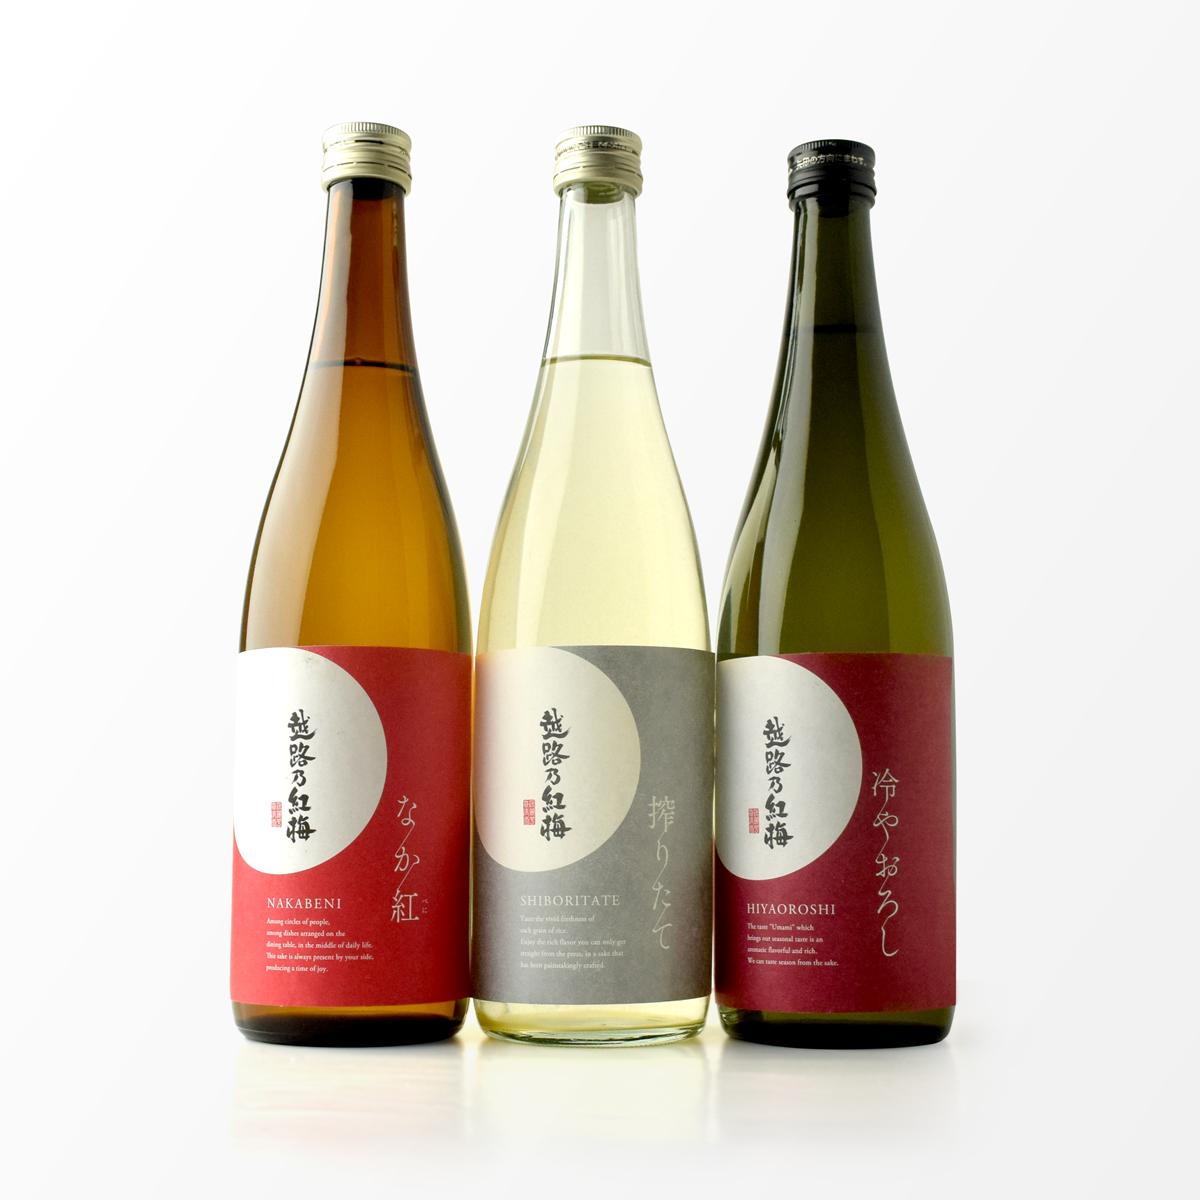 日本酒シリーズ